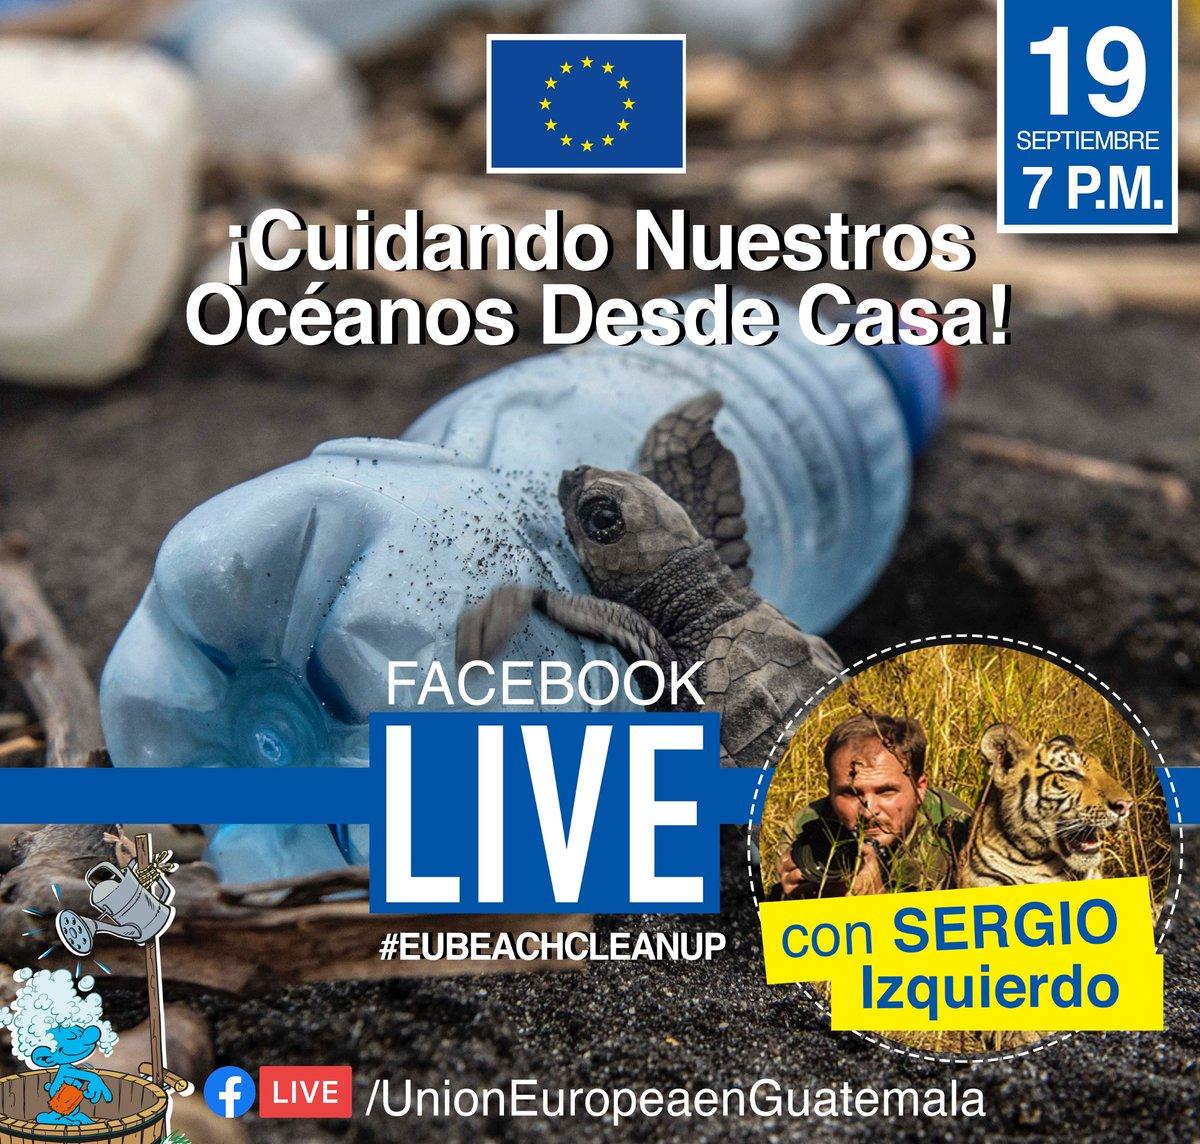 En el marco del Día Internacional de Limpieza de Playas 2020🌊, la Unión Europea en Guatemala para conmemorar este día ha organizado un #FACEBOOKLIVE con @sergioizquierdo quién se ha unido a la campaña #EUBeachCleanUp. ¡Te esperamos hoy las 7 P.M. vía! 📲https://t.co/PQAP6NqA9F https://t.co/kONnySml8K